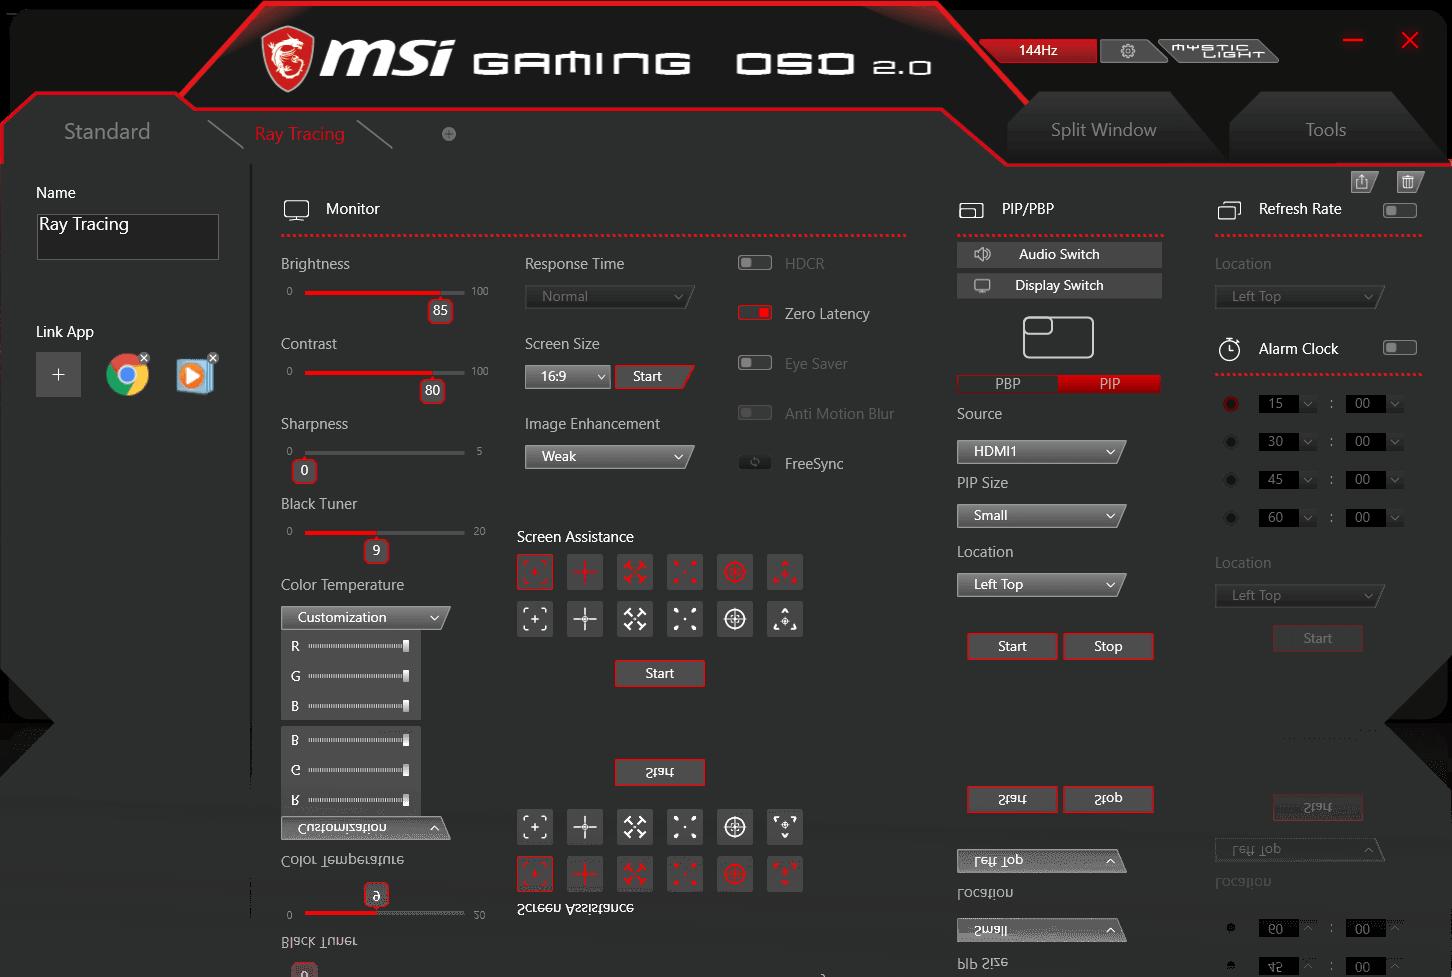 gaming osd 2.0